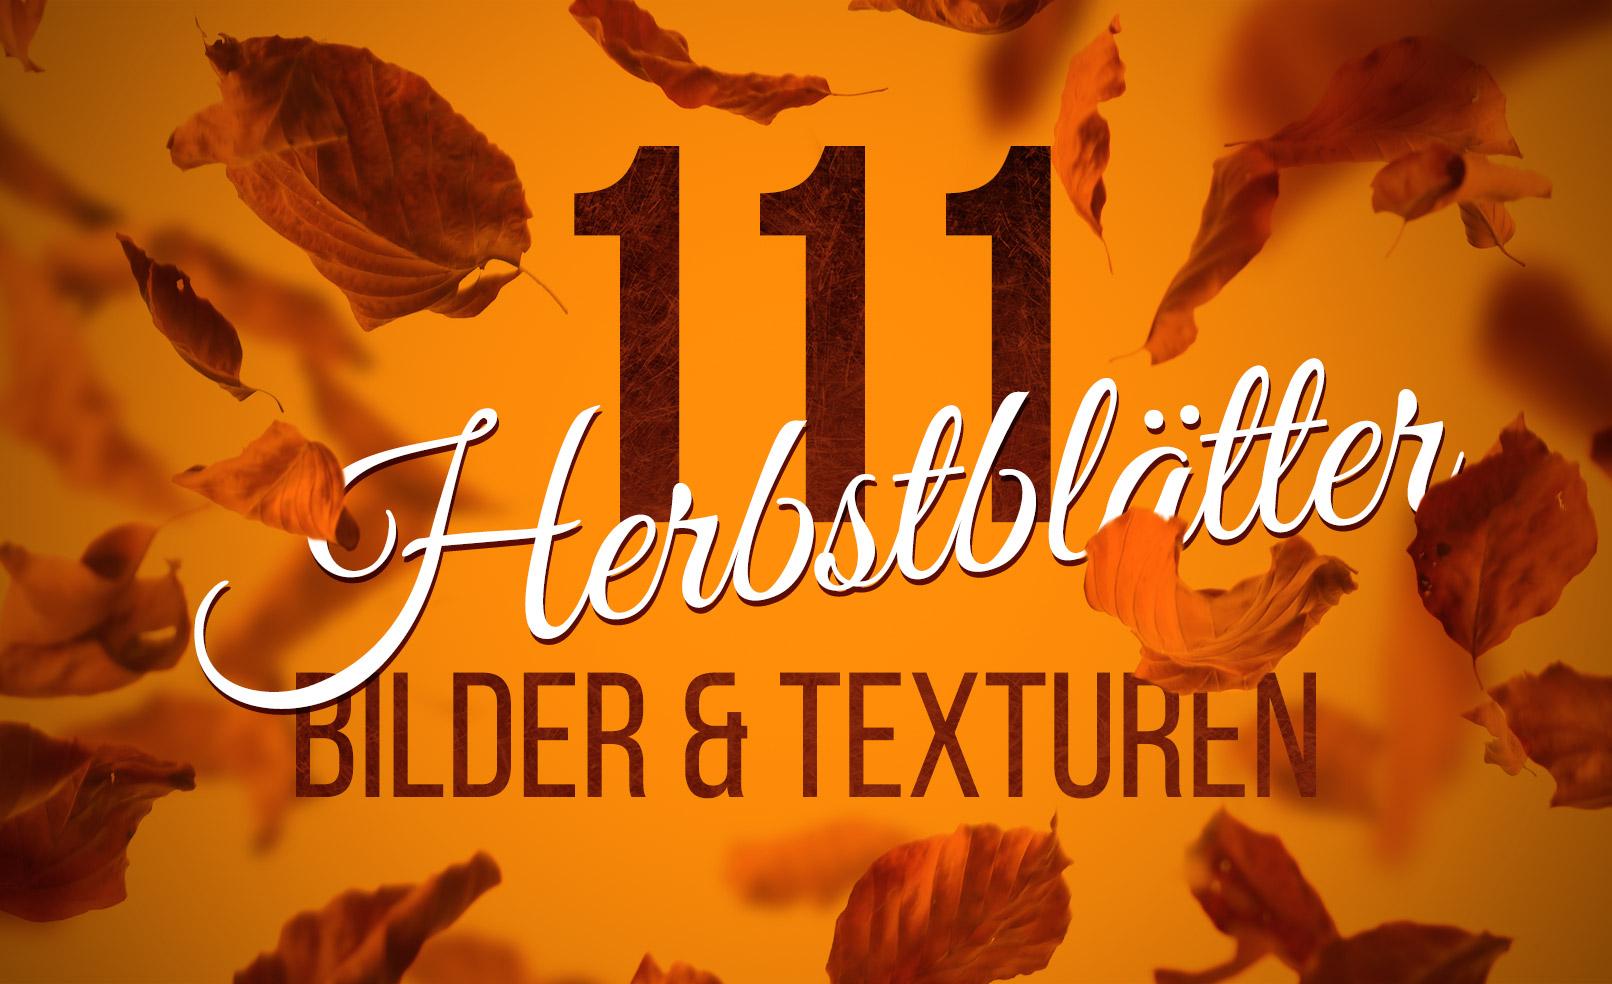 Herbstblätter Bilder zur Anwendung als Texturen oder Overlays in eigenen Herbstbildern.